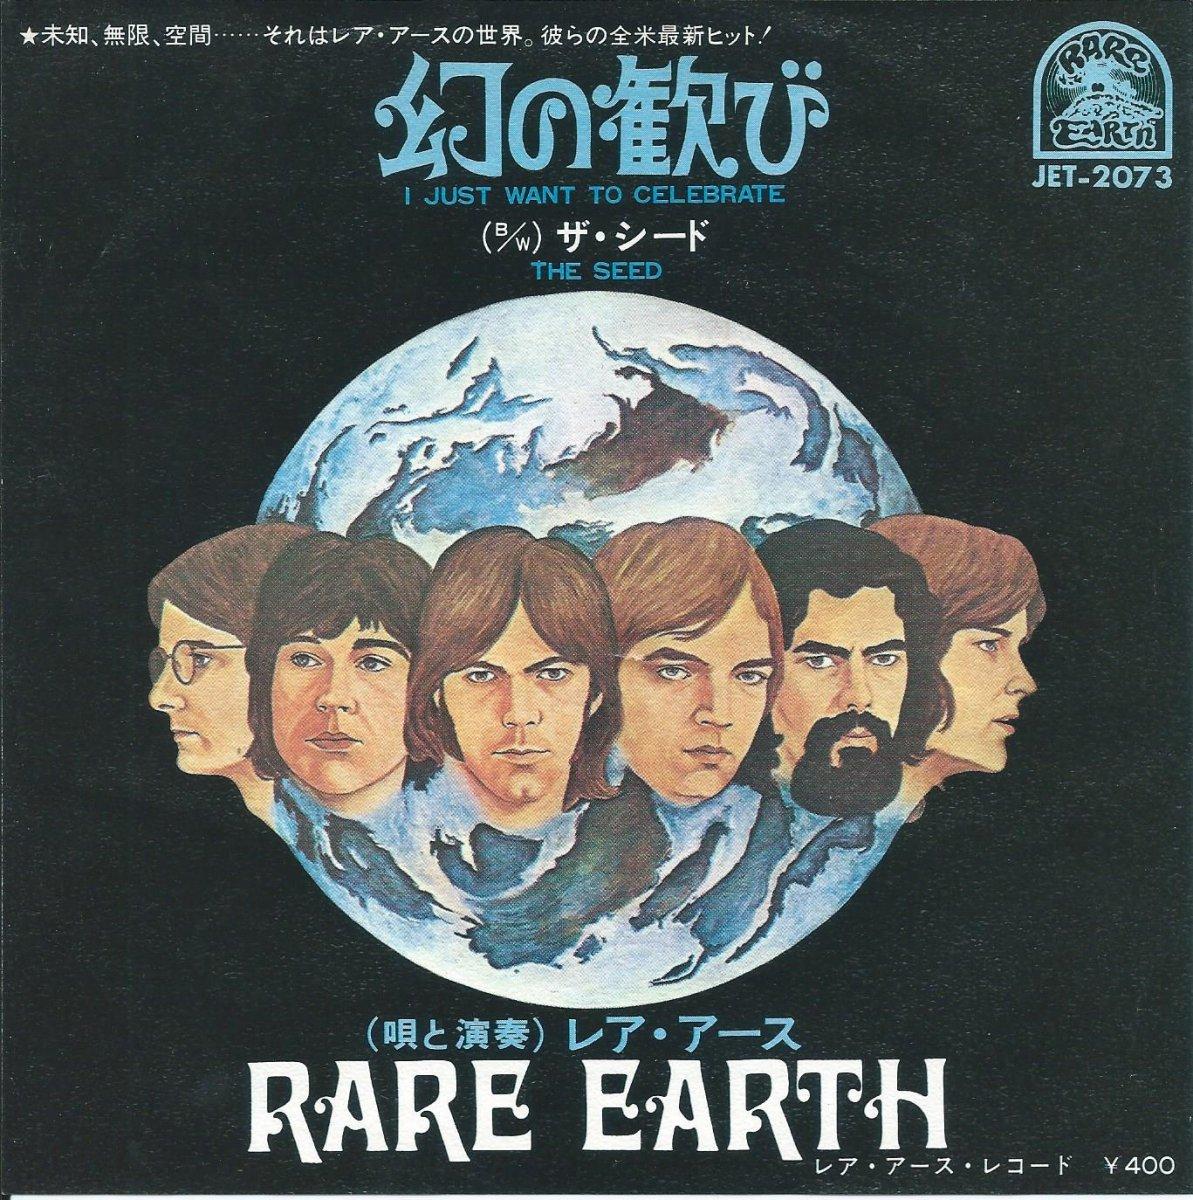 レア・アース RARE EARTH / 幻の歓び I JUST WANT TO CELEBRATE / ザ・シード THE SEED (7